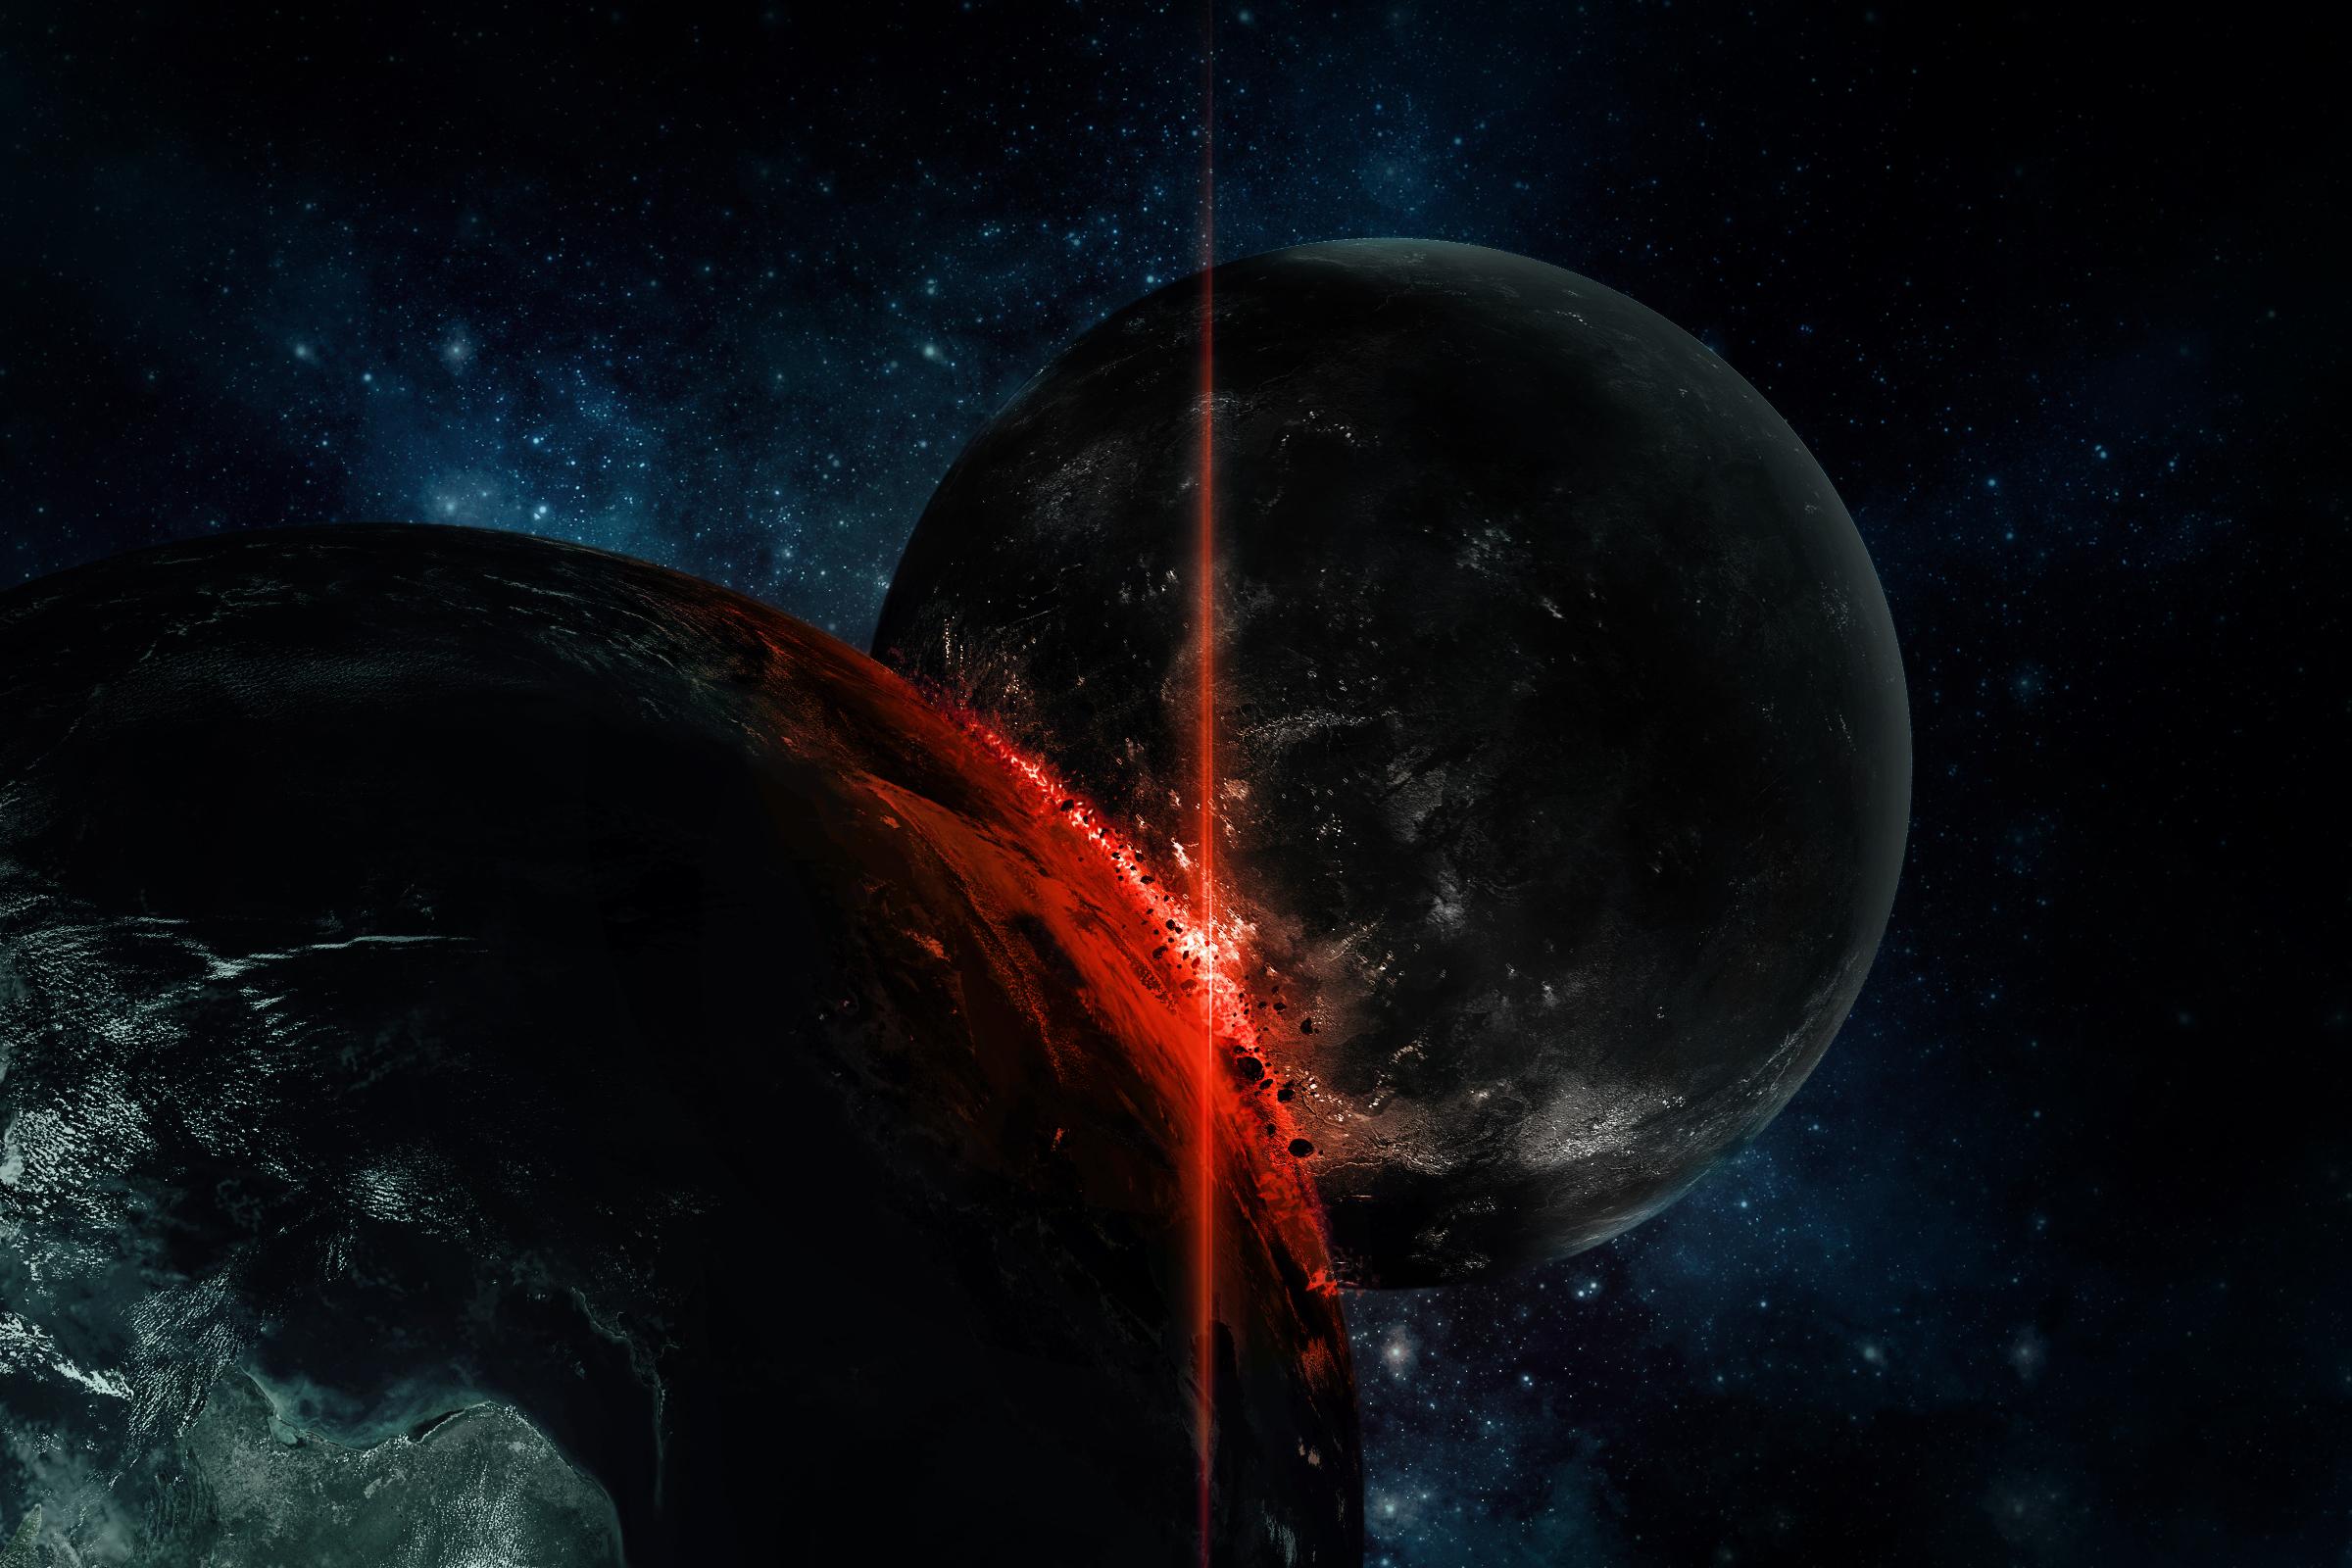 Обои огненная планета картинки на рабочий стол на тему Космос - скачать  № 433790 без смс